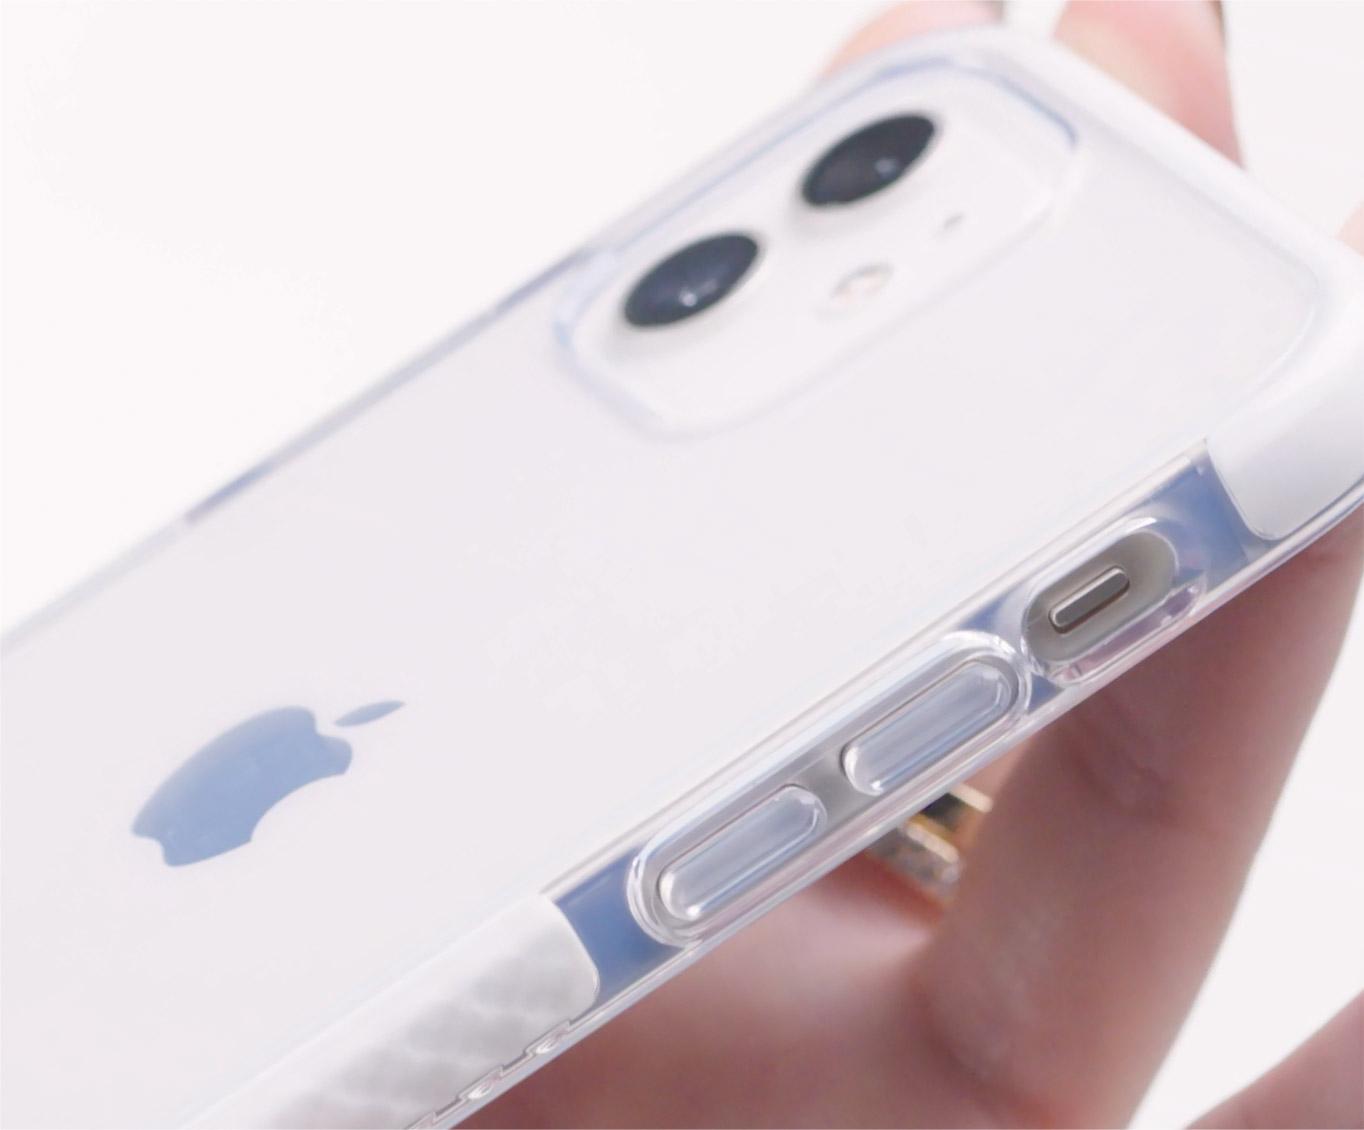 detailed image of BodyGuardz phone case.